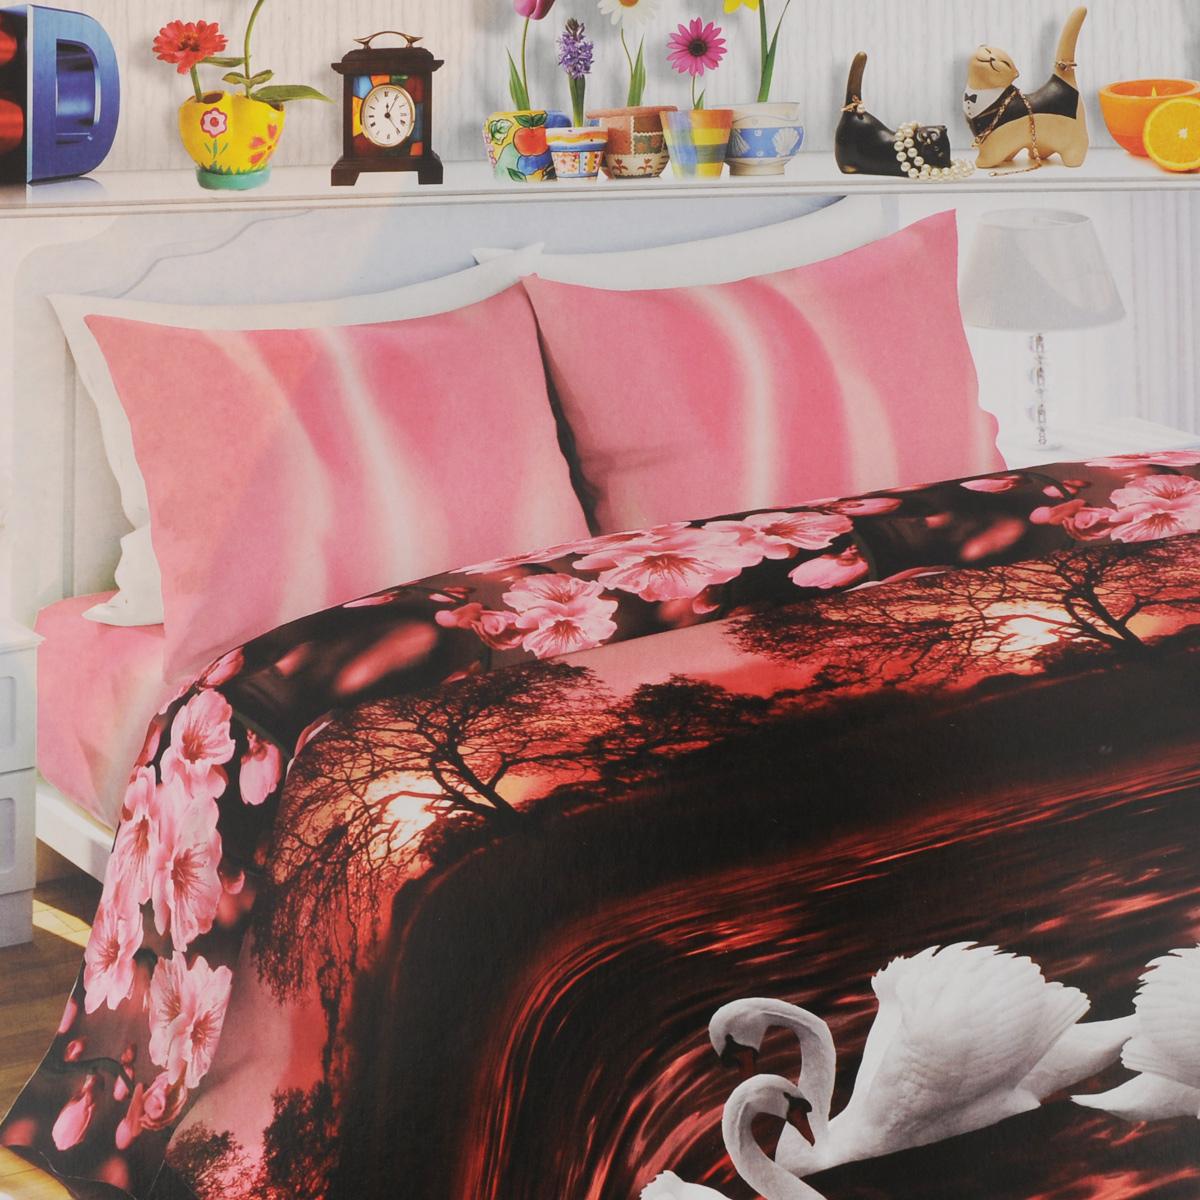 Комплект белья Любимый дом Лебединая верность, 1,5-спальный, наволочки 70х70, цвет: черно-розовый, белыйSC-FD421005Комплект постельного белья Любимый дом Лебединая верность состоит из пододеяльника, простыни и двух наволочек. Постельное белье оформлено оригинальным рисунком и имеет изысканный внешний вид. Белье изготовлено из новой ткани Биокомфорт, отвечающей всем необходимым нормативным стандартам. Биокомфорт - это тканьполотняного переплетения, из экологически чистого и натурального 100% хлопка. Неоспоримым плюсом белья из такой ткани является мягкостьи легкость, она прекрасно пропускает воздух, приятна на ощупь, не образует катышков на поверхности и за ней легко ухаживать. При соблюдениирекомендаций по уходу, это белье выдерживает много стирок, не линяети не теряет свою первоначальную прочность. Уникальная ткань обеспечивает легкую глажку.Приобретая комплект постельного белья Любимый дом Лебединая верность, вы можете быть уверены в том, что покупка доставит вам ивашим близким удовольствие и подарит максимальный комфорт.